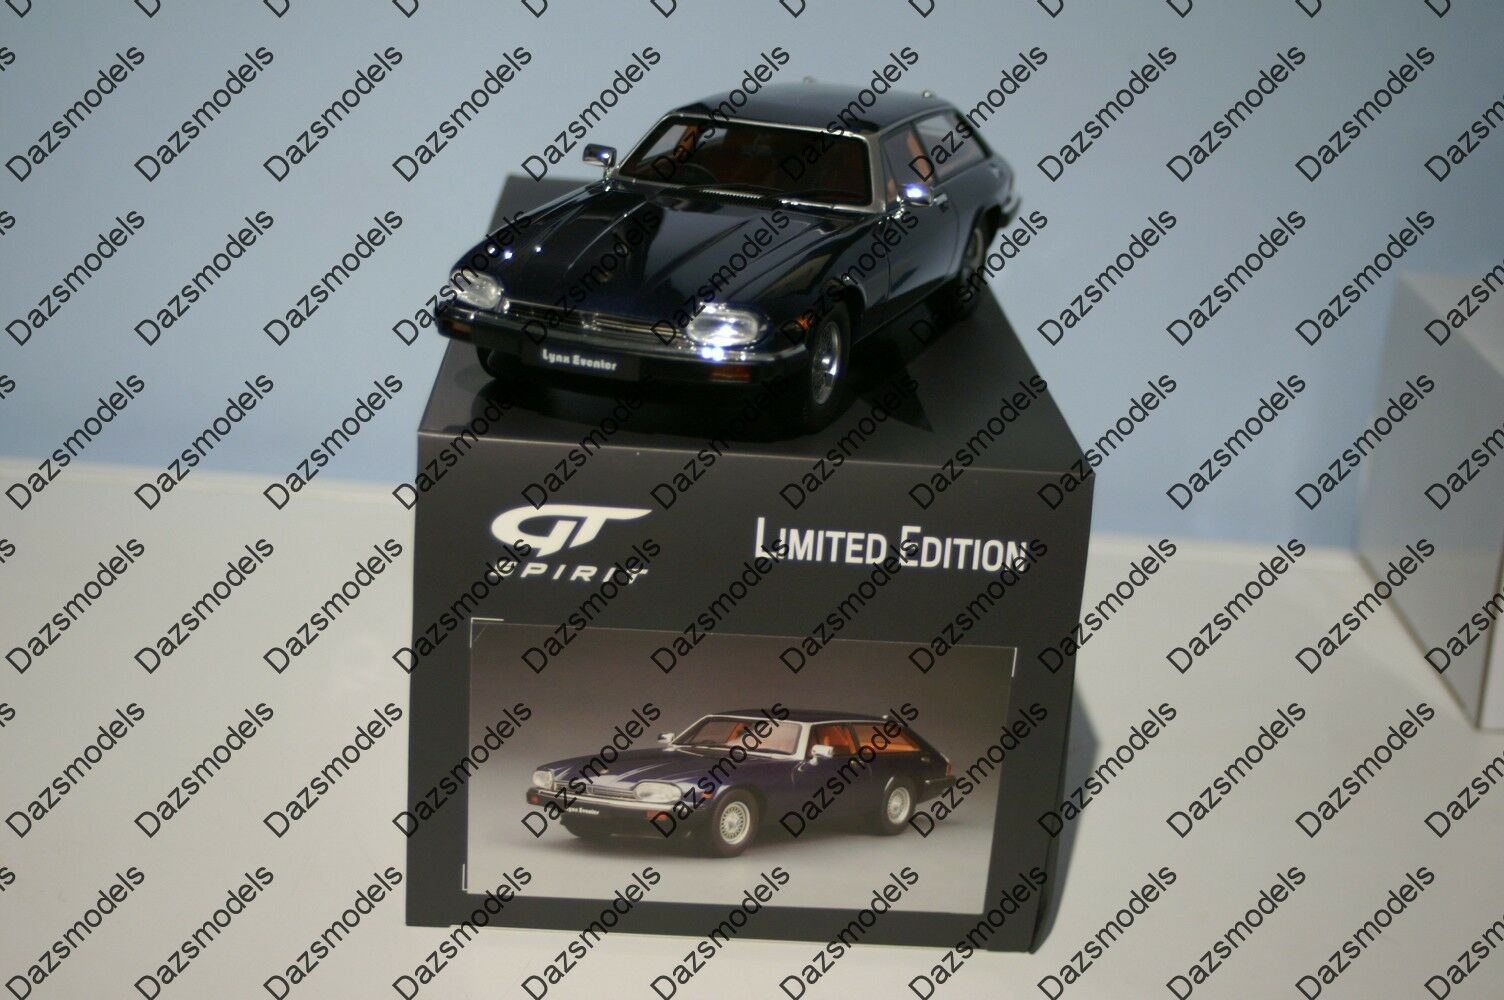 GT Spirit Jaguar XJS Lynx eventer Westminster blu 1 18 Resina GT788